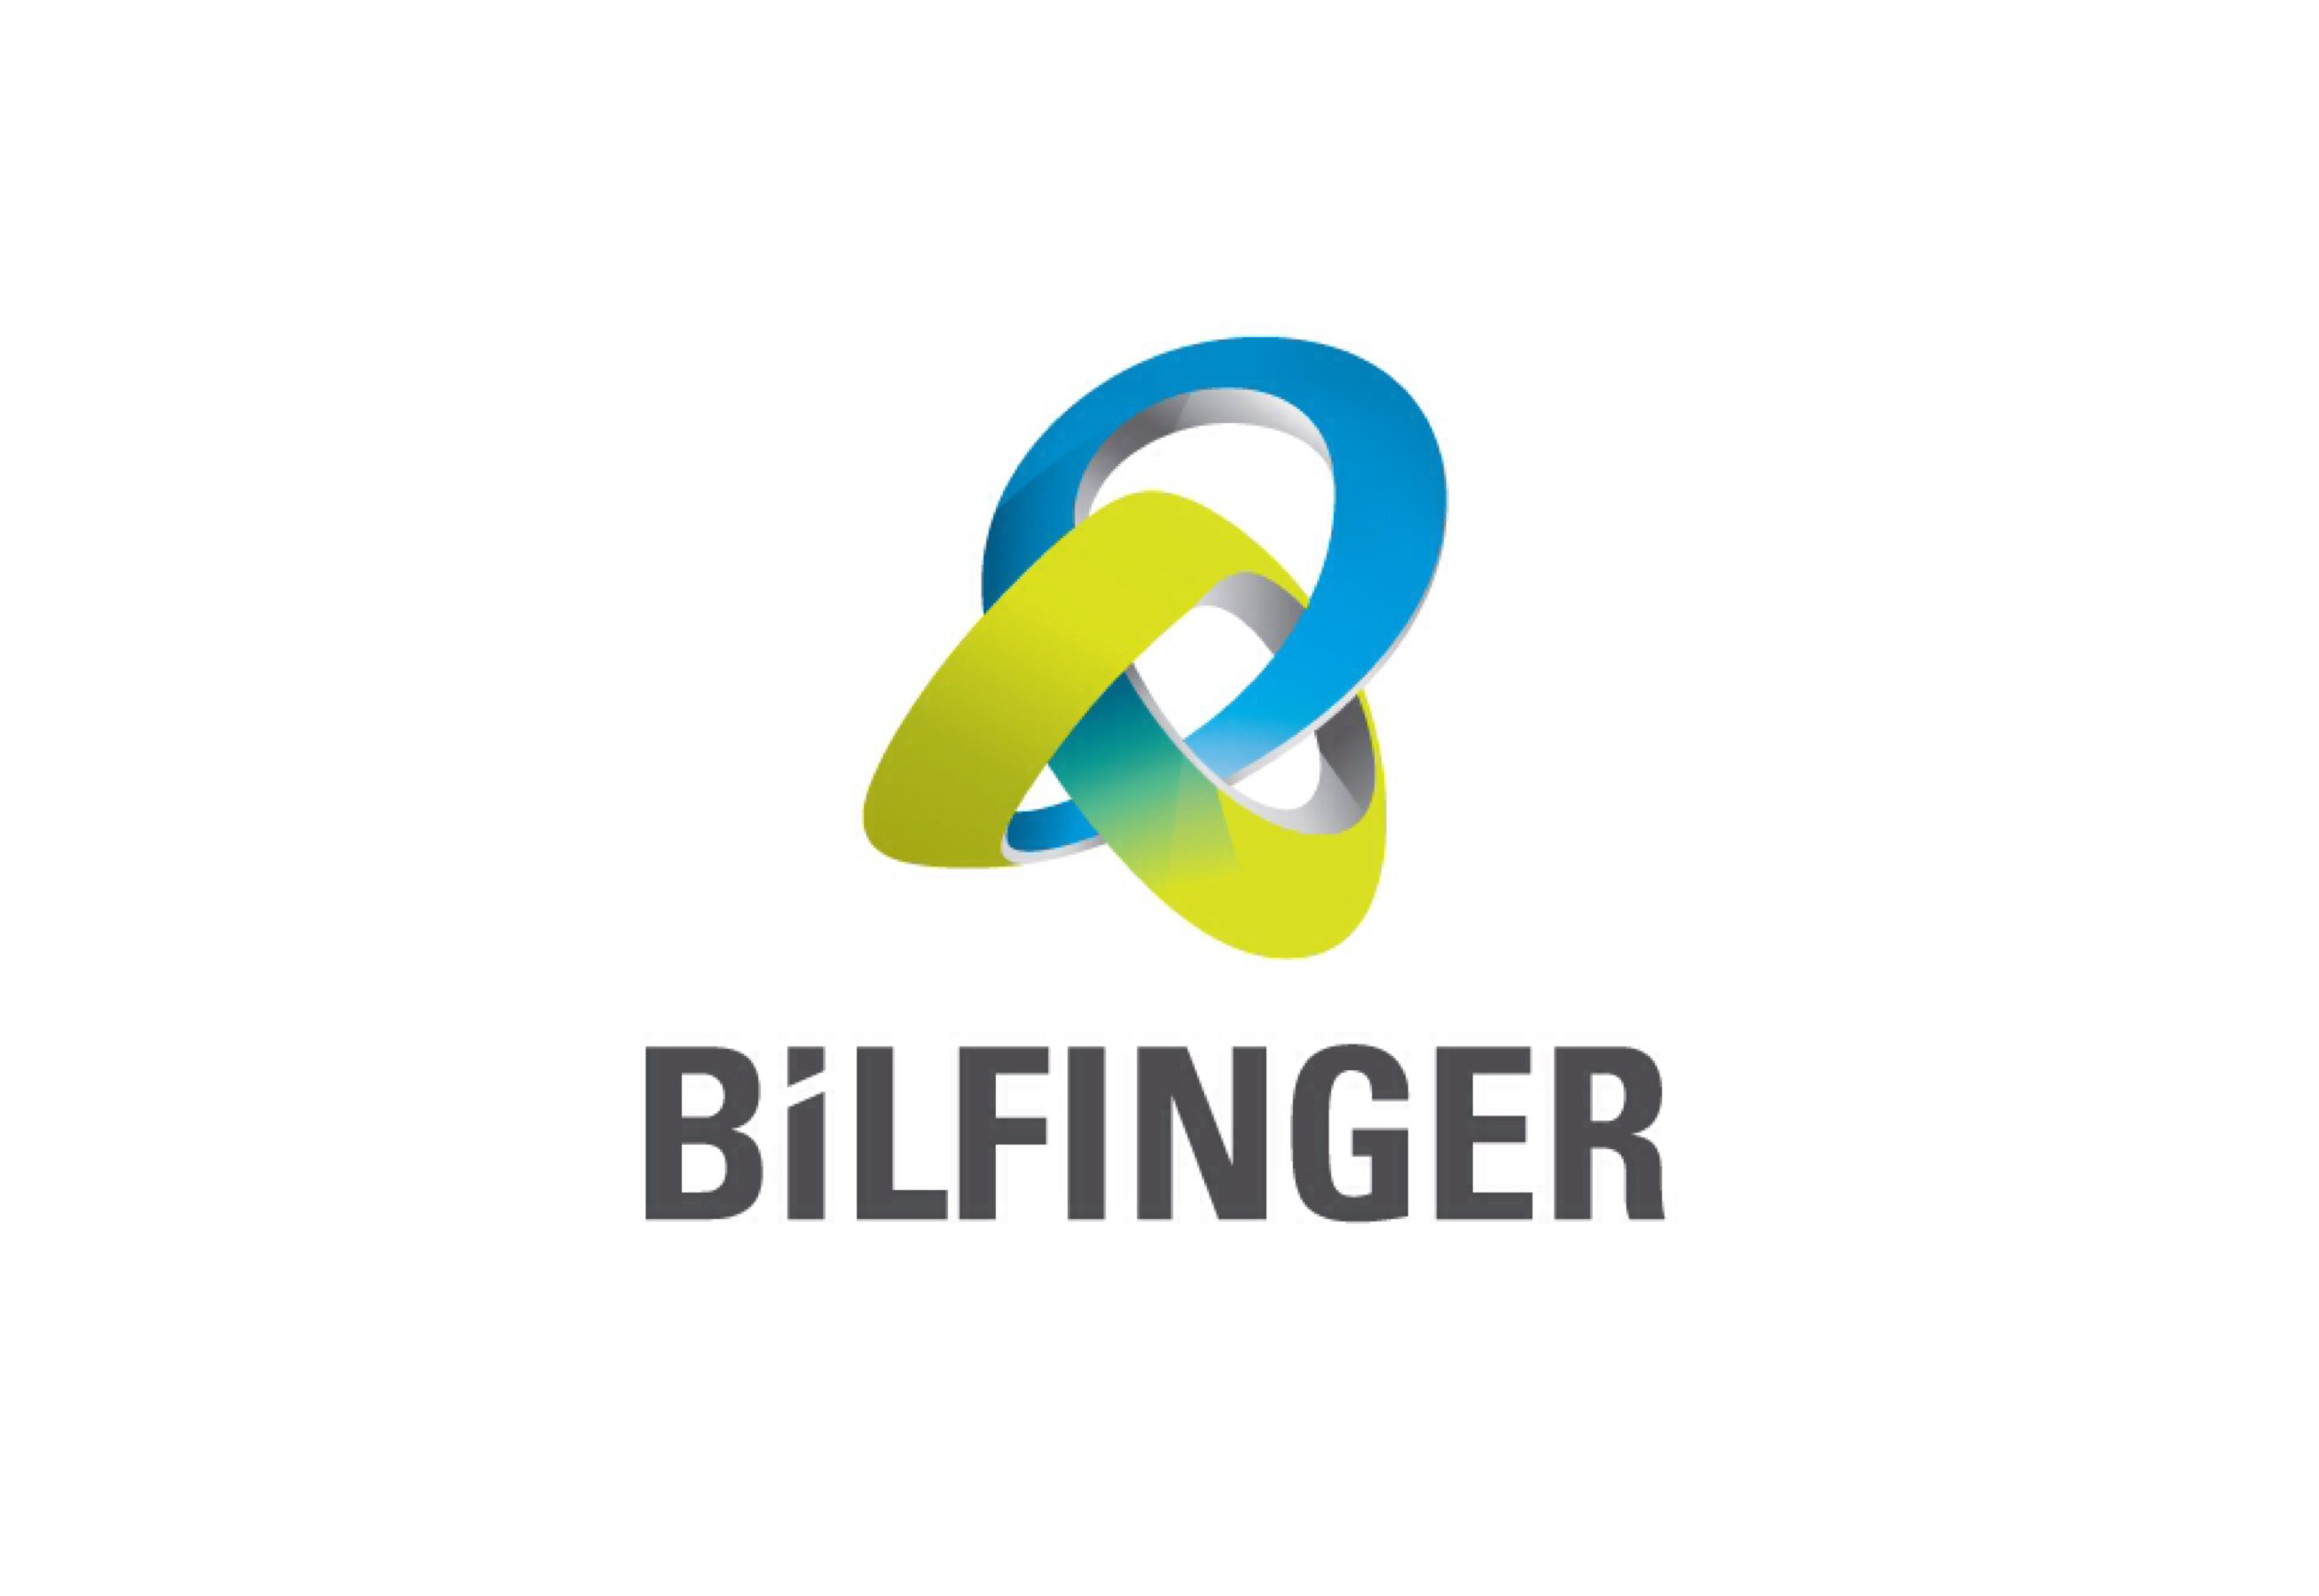 bilfinger logo - Bilfinger Vector PNG